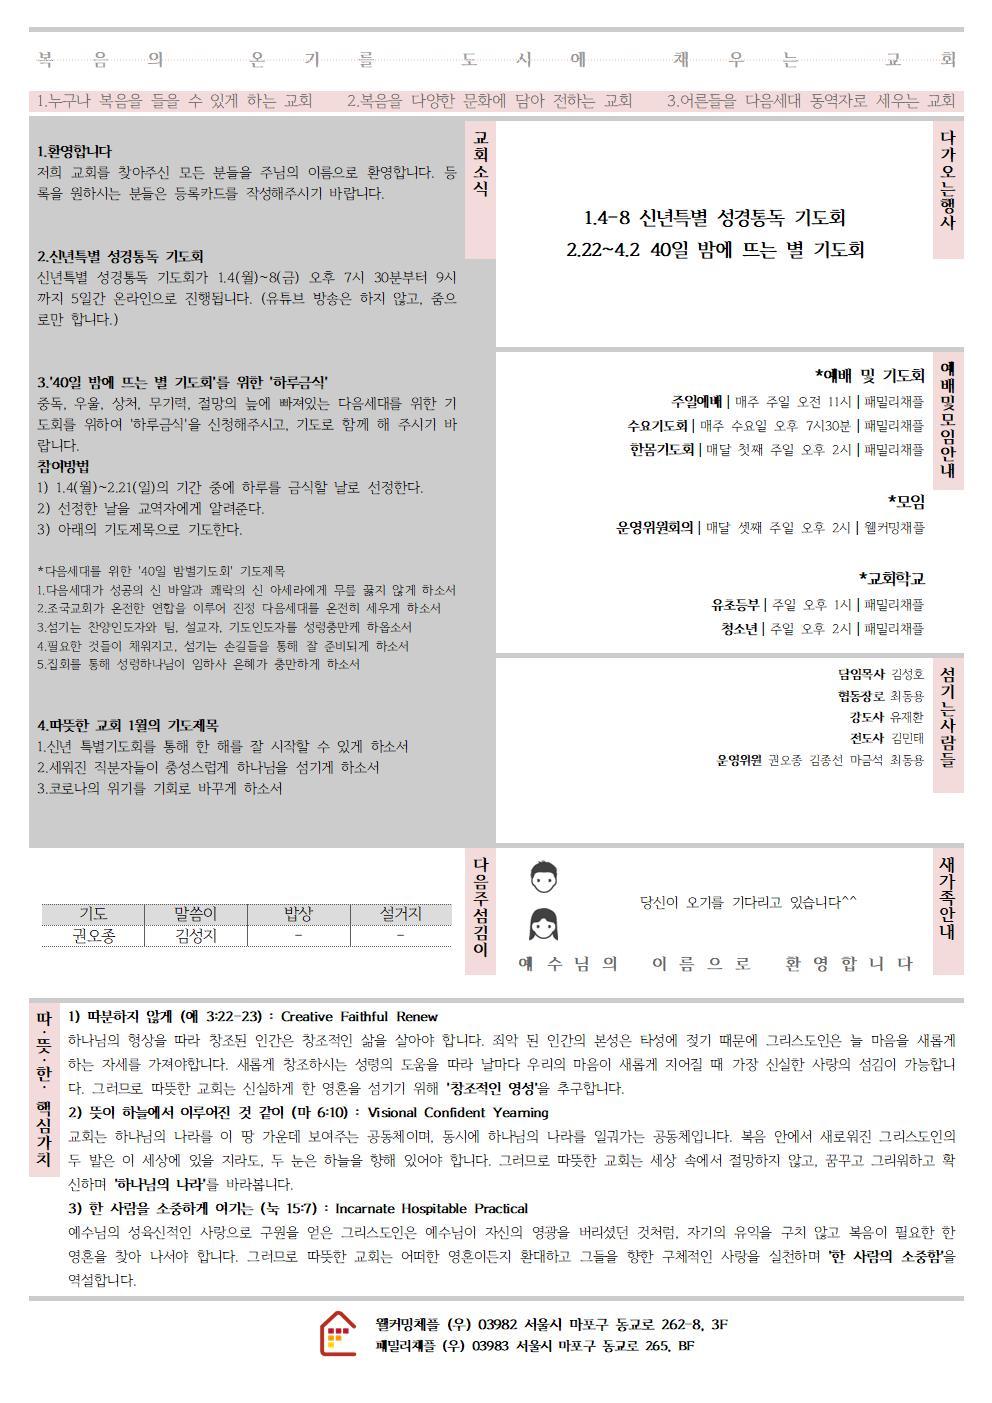 20210103 따뜻한교회 주보002.jpg